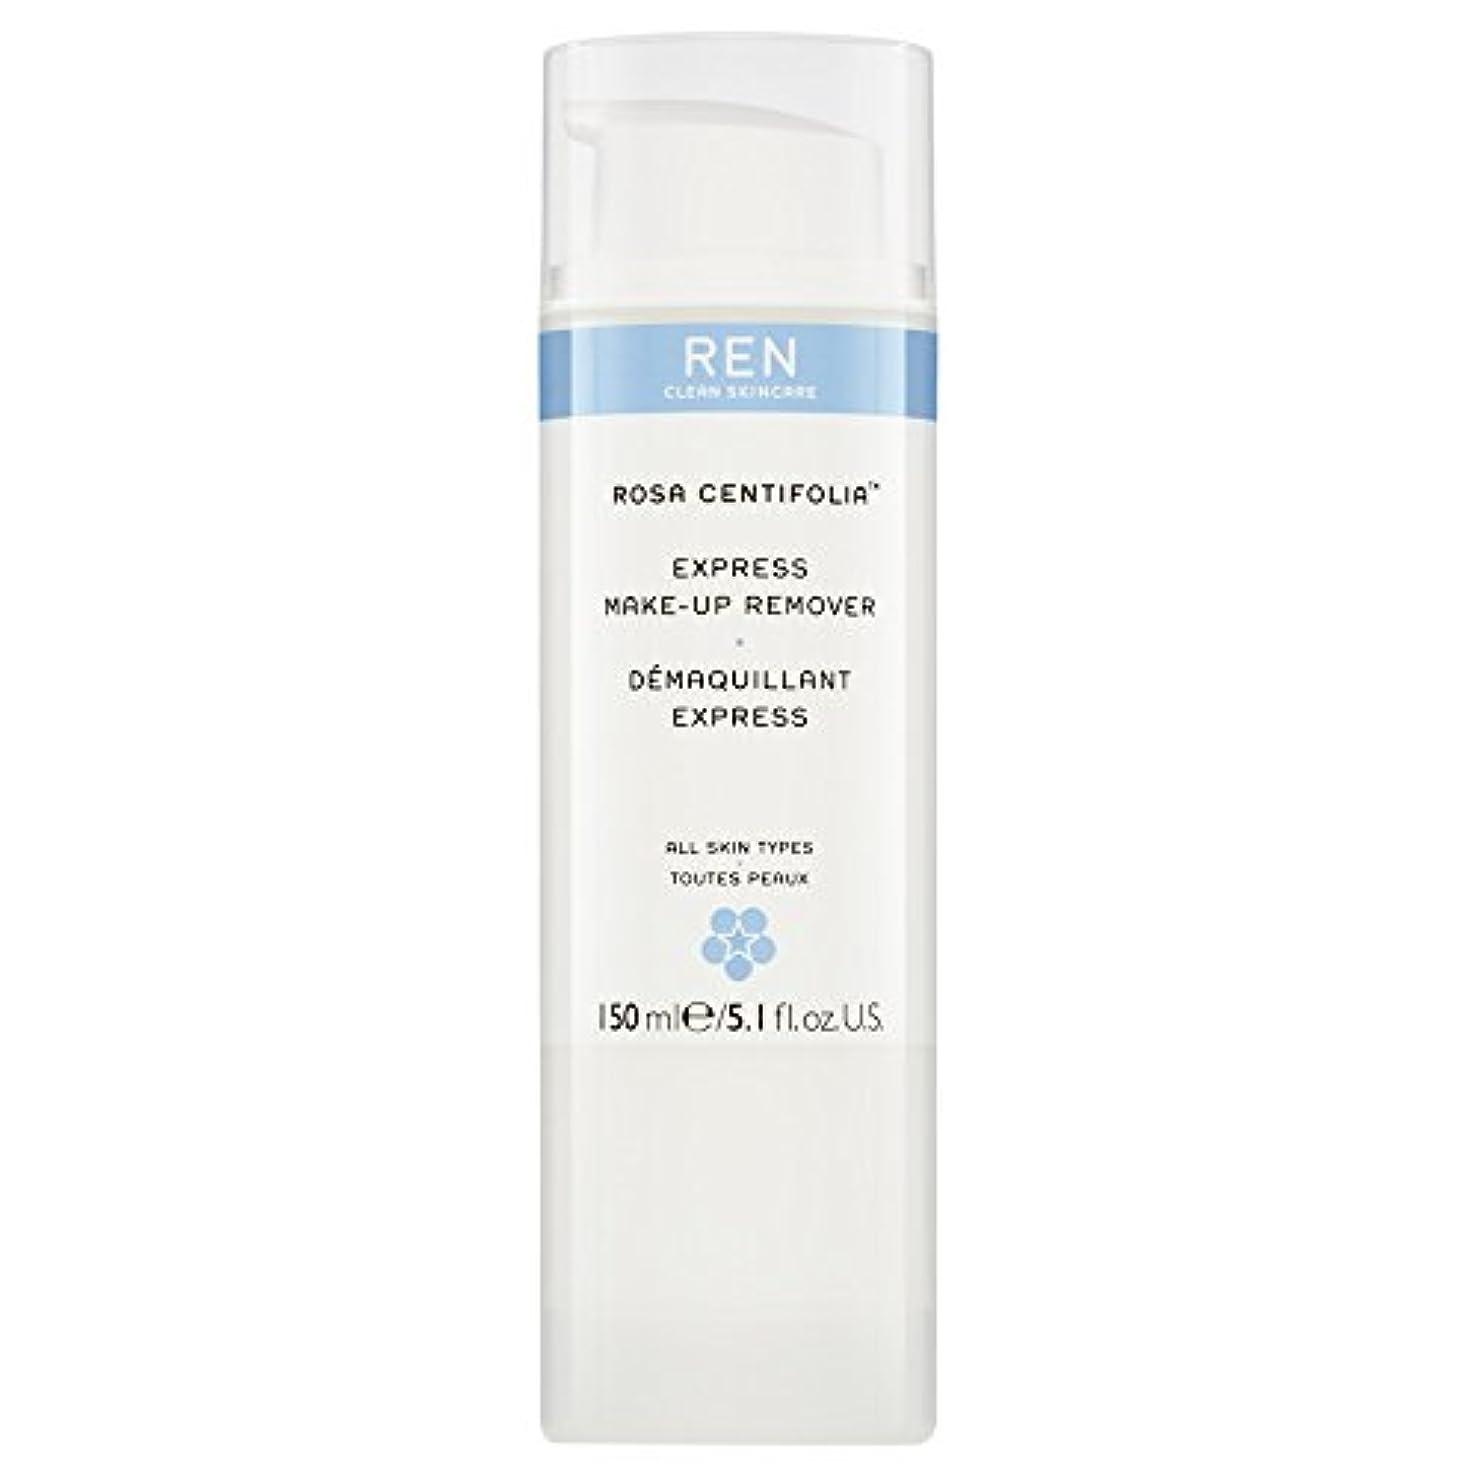 おしゃれじゃないラップトップ閲覧するRenローザセンチフォリアバラメイクアップリムーバー150ミリリットル (REN) (x2) - REN Rosa Centifolia Makeup Remover 150ml (Pack of 2) [並行輸入品]